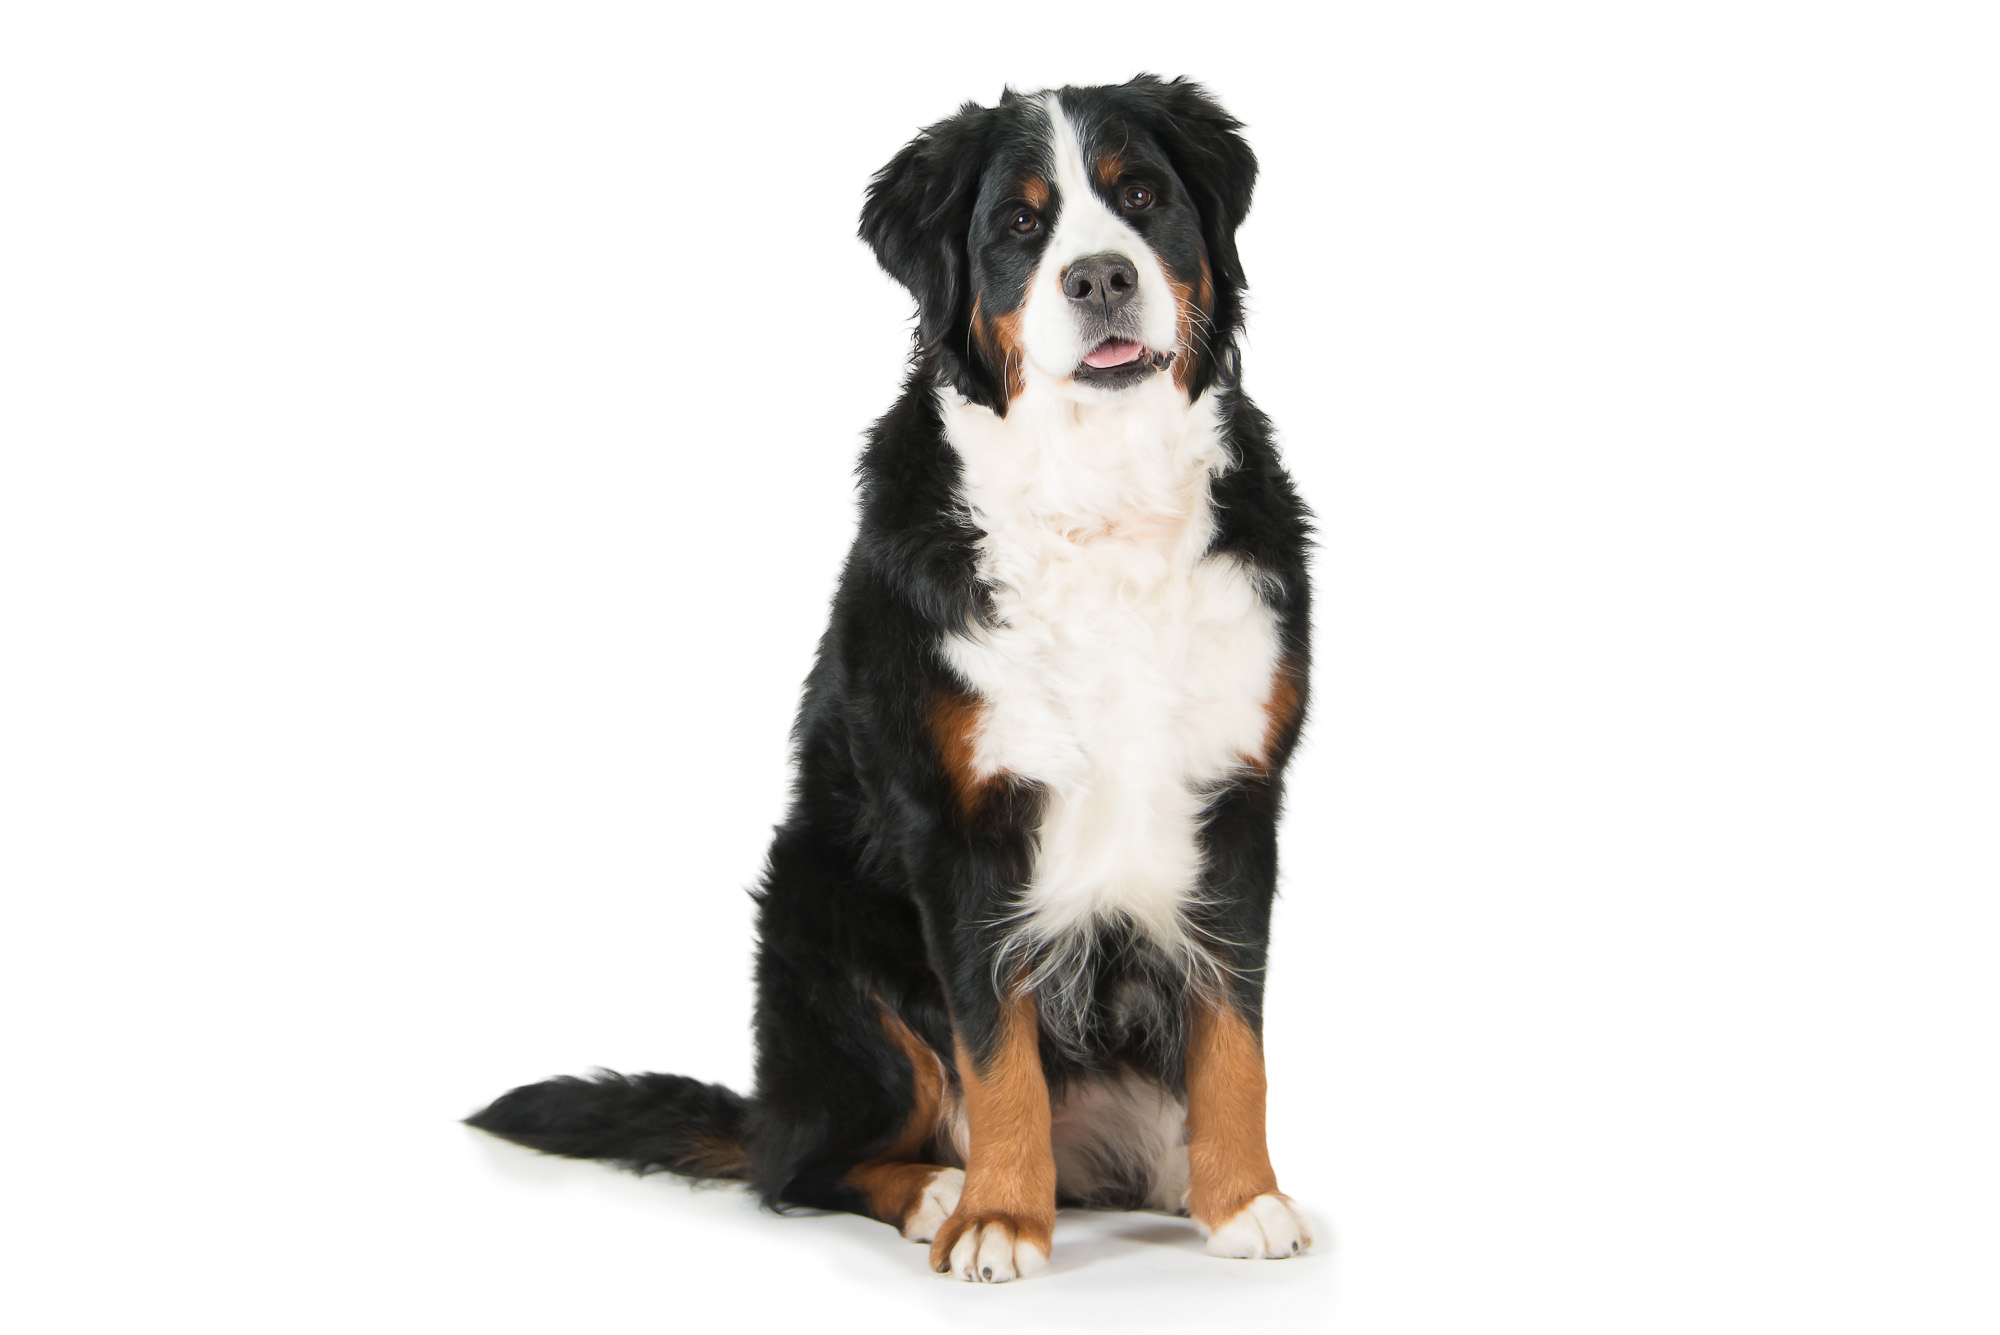 LupinBay_Bernese _Mountain_Dog-SK4529.jpg